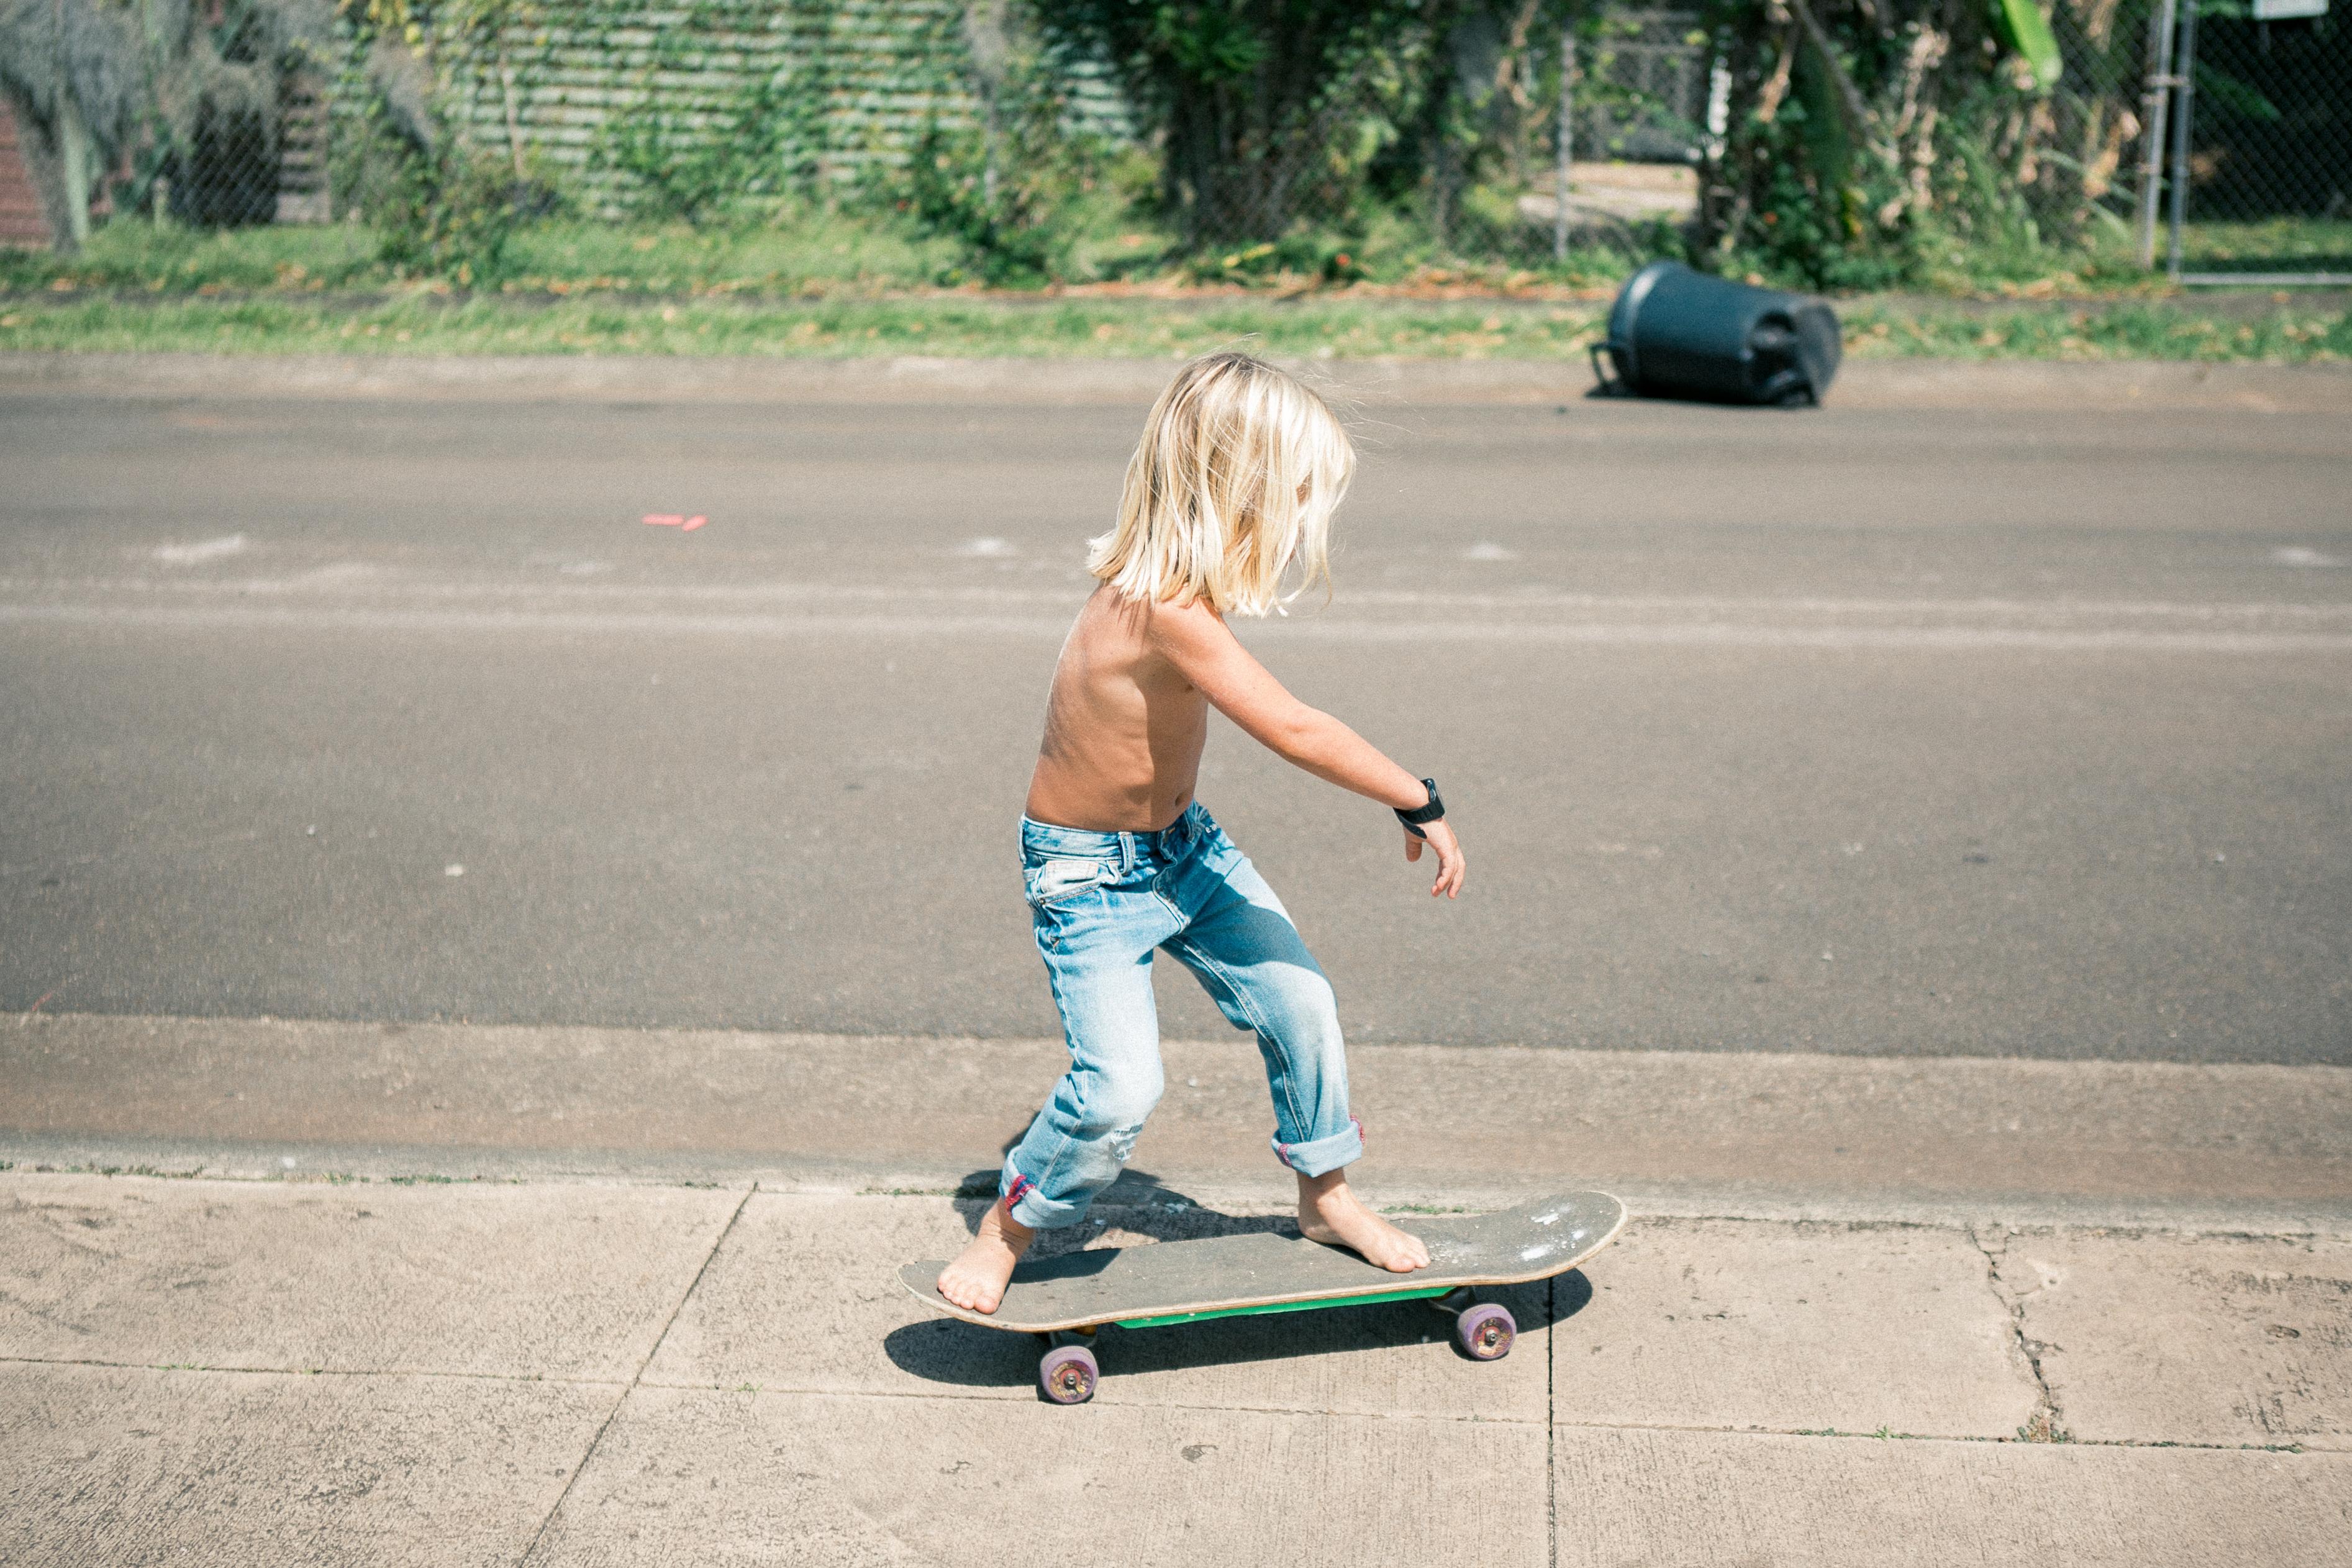 river skate (1 of 13)